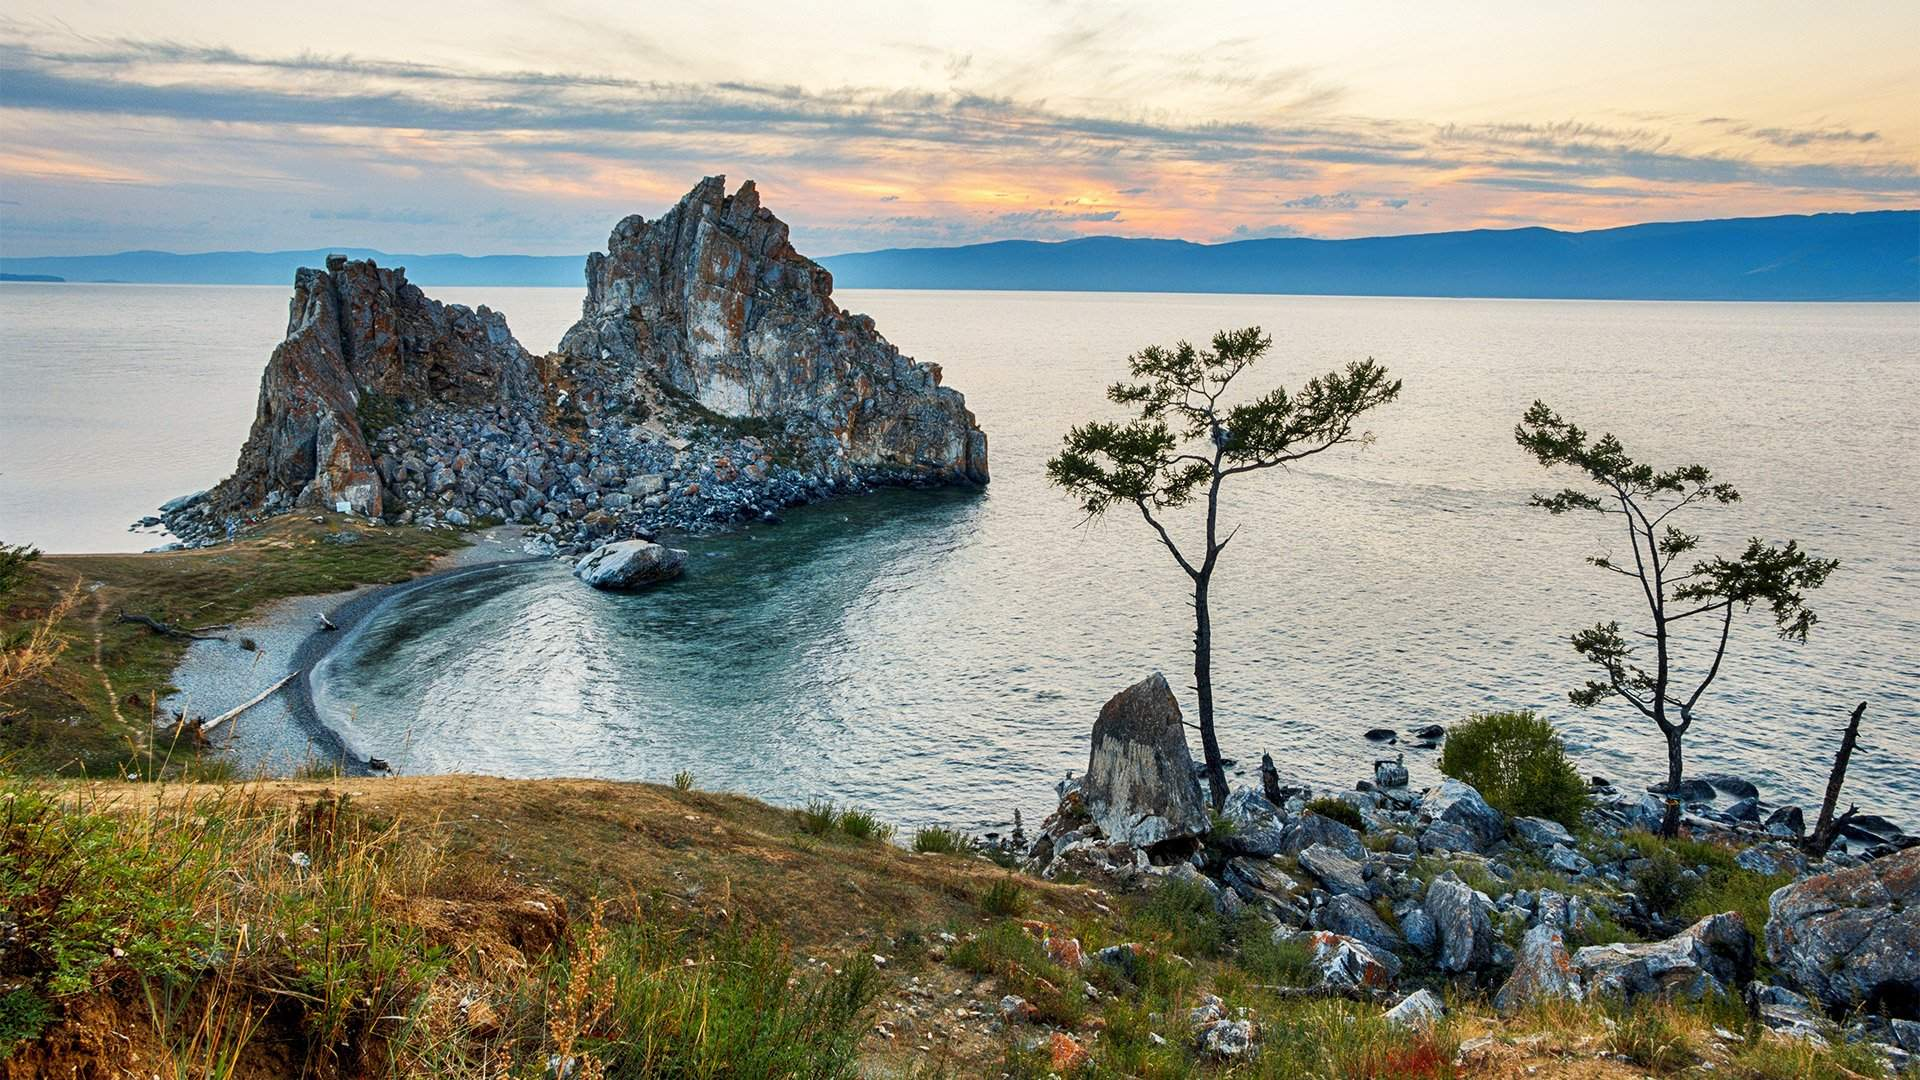 Разлей вода: почему в КНР называют Байкал своим «северным морем»   Статьи   Известия